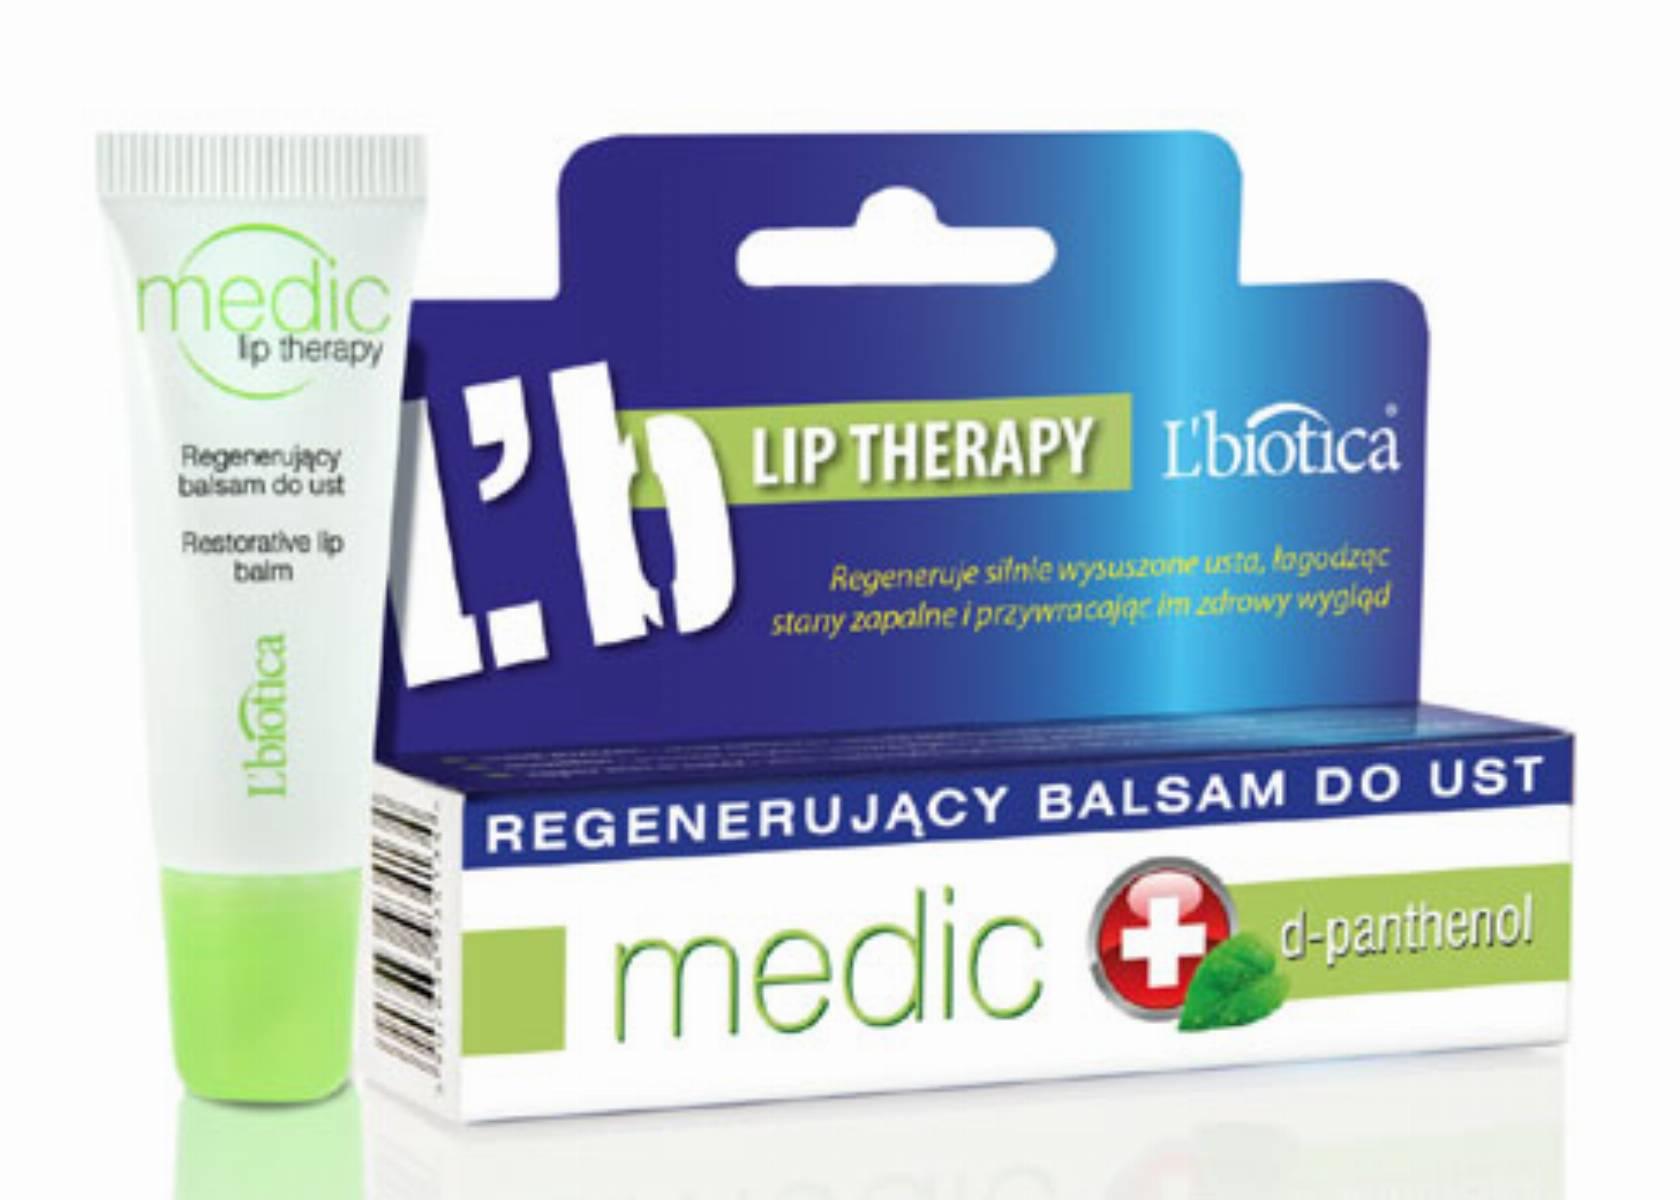 L'biotica MEDIC – Balsam do Ust z mentholem